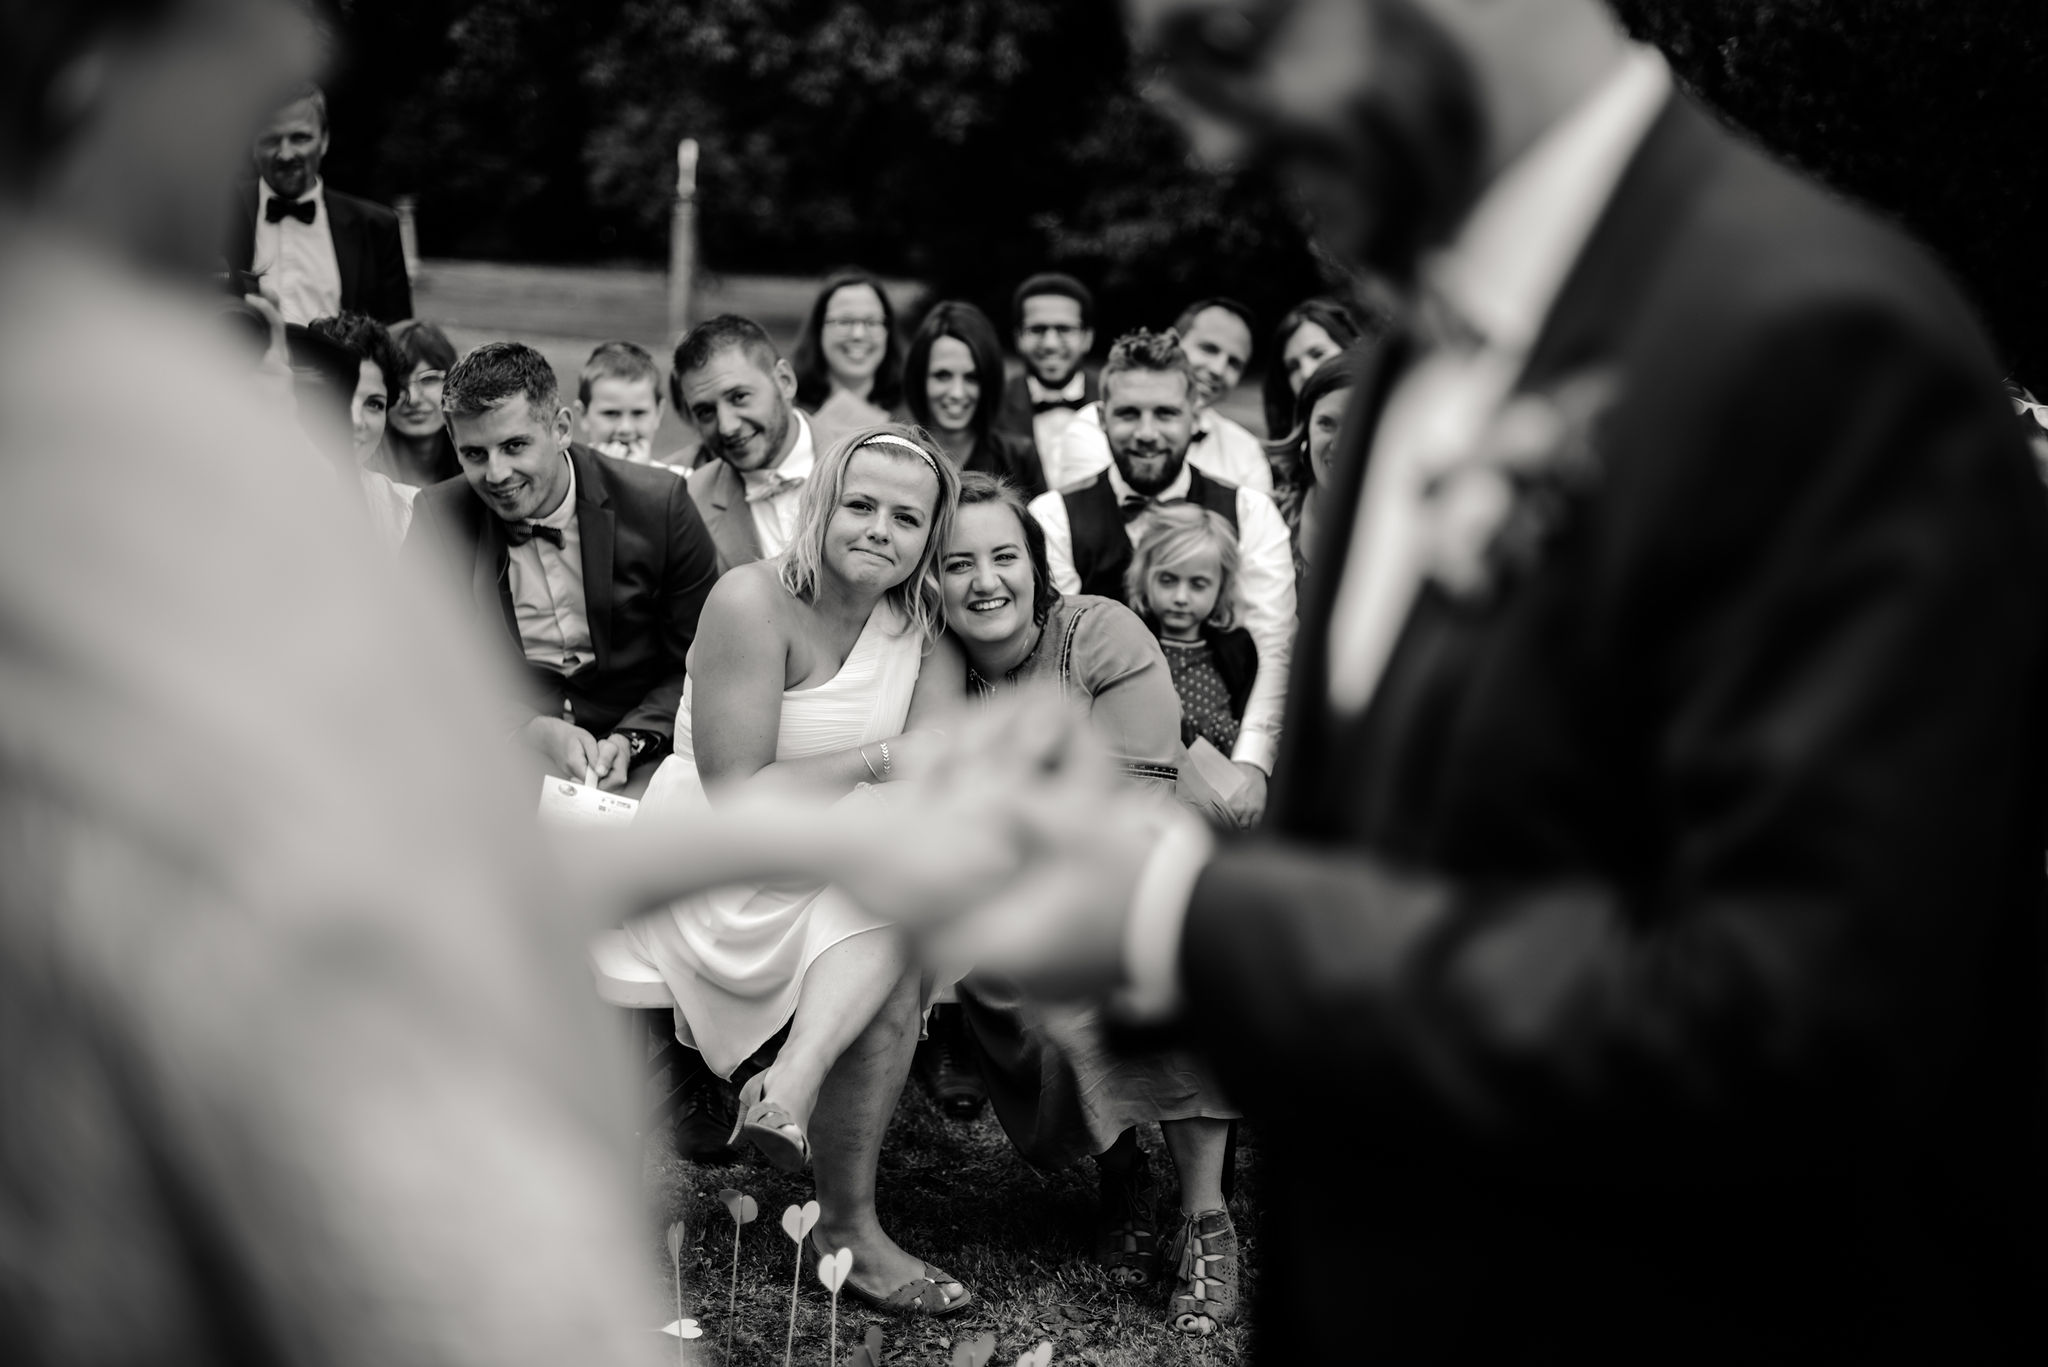 Léa-Fery-photographe-professionnel-lyon-rhone-alpes-portrait-creation-mariage-evenement-evenementiel-famille-7347.jpg